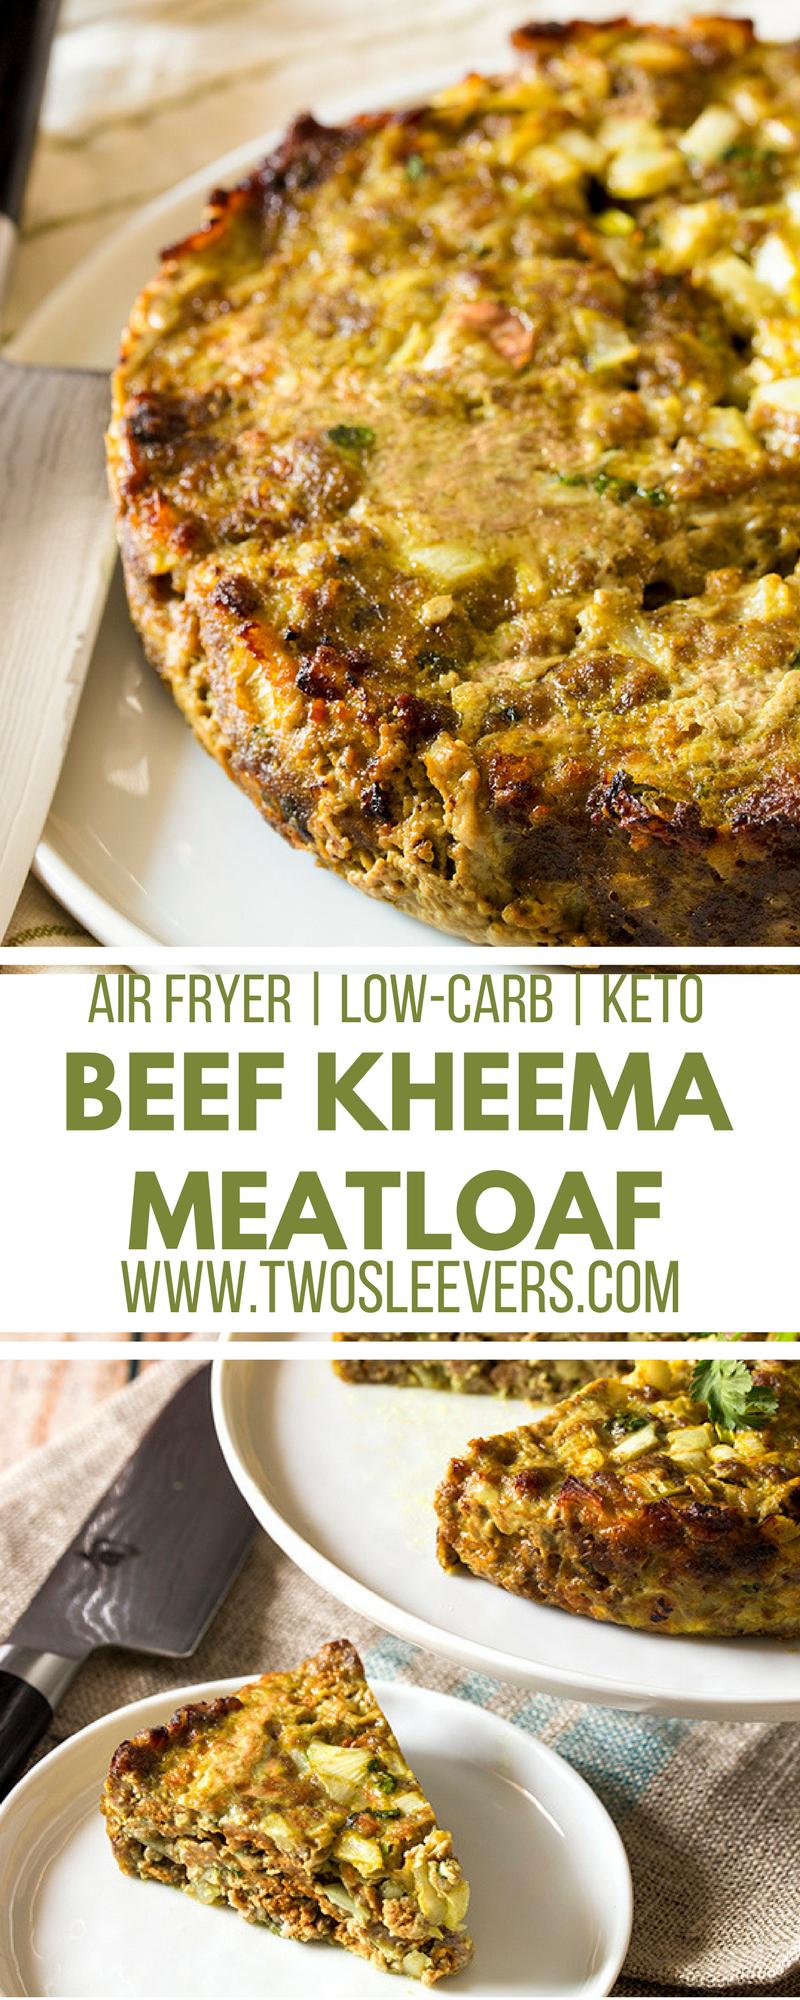 Beef kheema meatloaf air fried beef kheema meatloaf air fryer beef kheema meatloaf air fried beef kheema meatloaf air fryer recipes low carb forumfinder Gallery